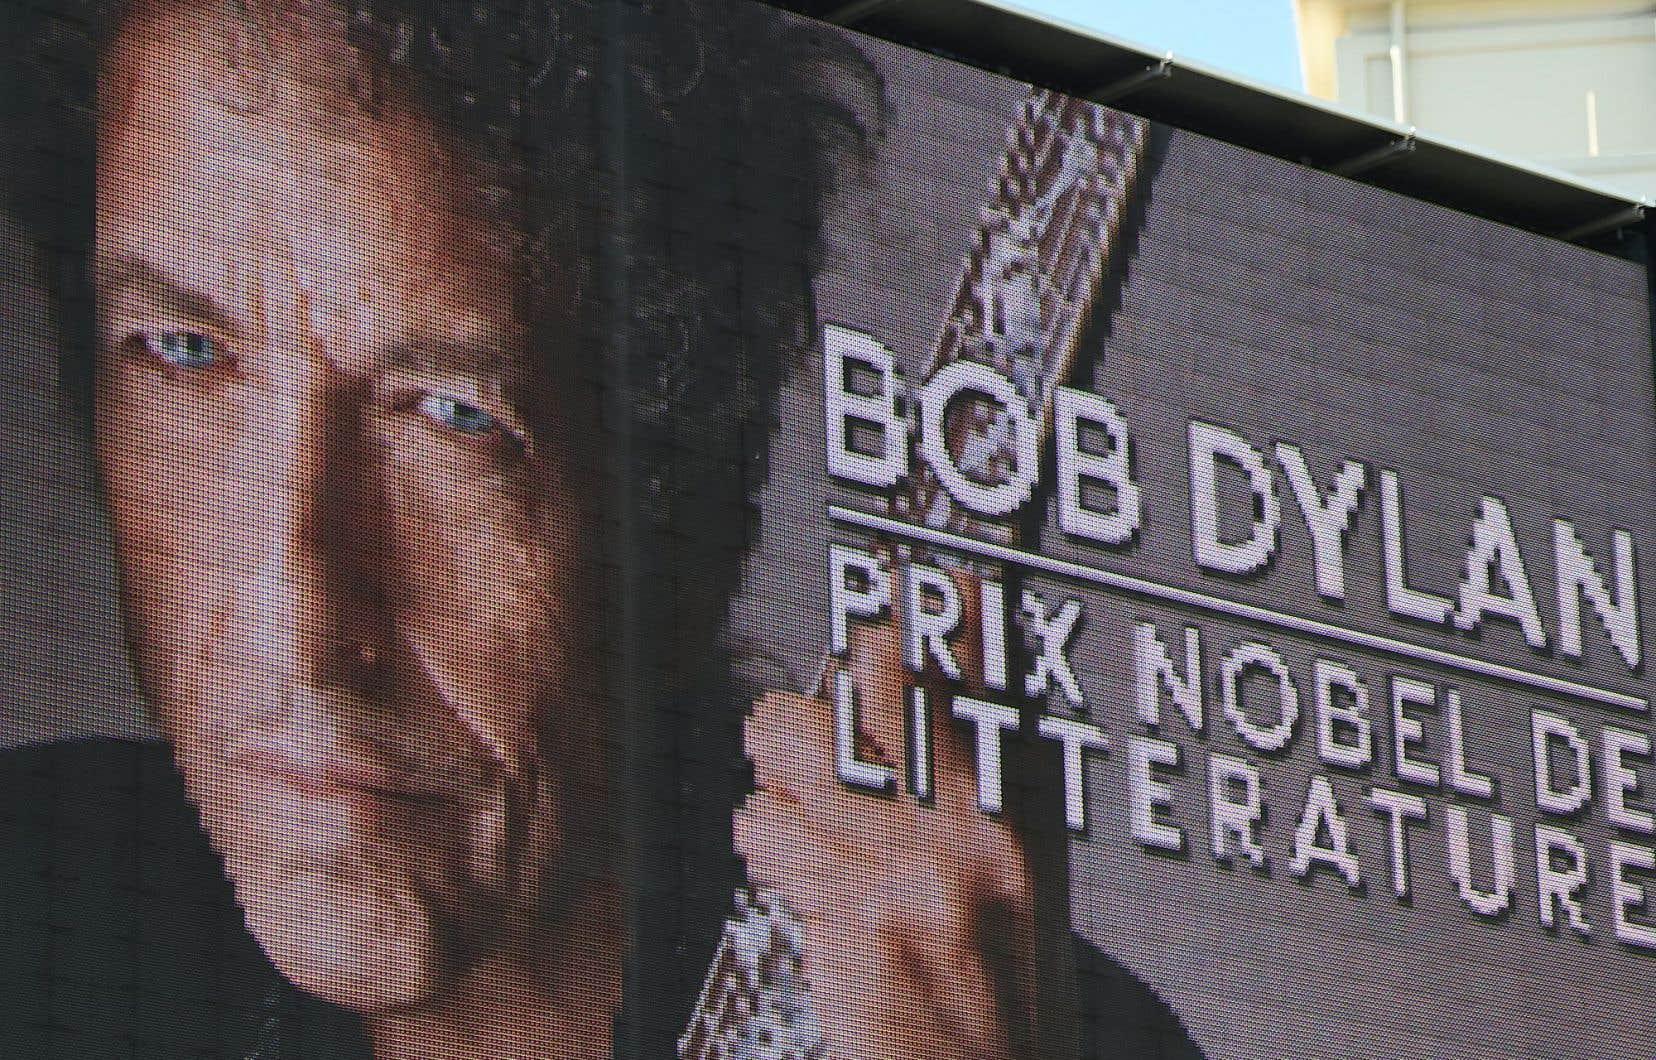 Bob Dylan s'est montré un lauréat un peu particulier en refusant de répondre aux sollicitations du jury qui souhaitait lui parler. Il a laissé ses collaborateurs le faire.